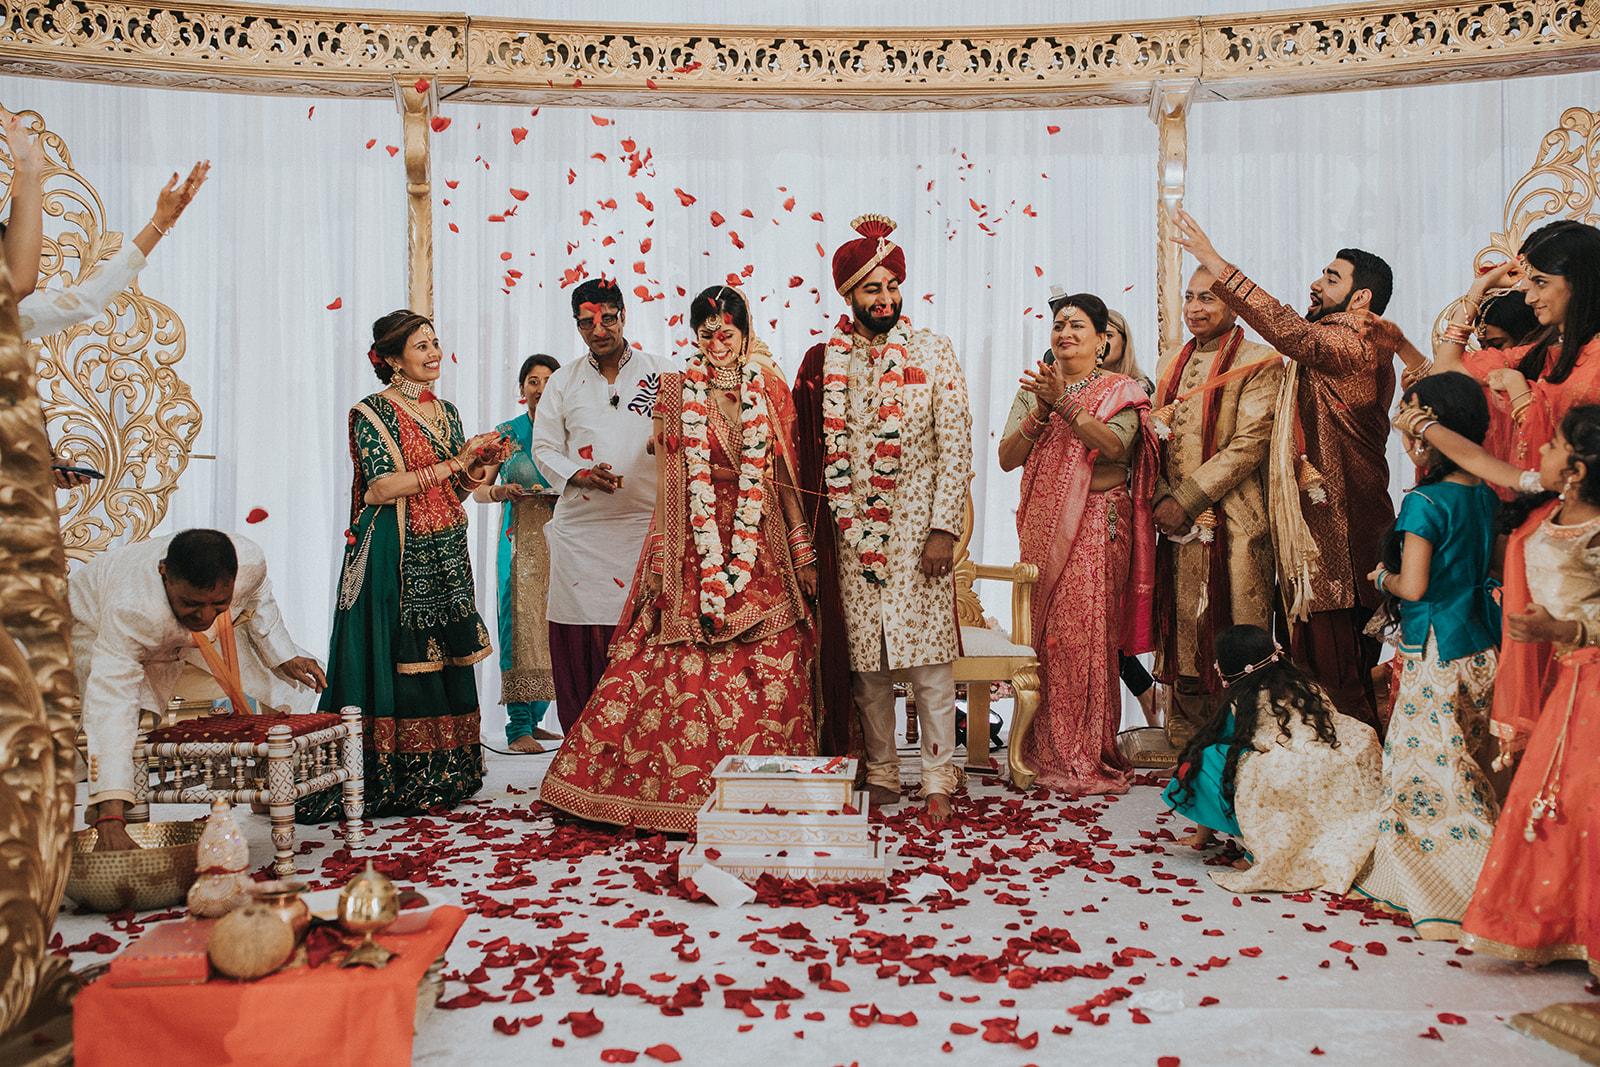 Le Cape Weddings - Ceremony - Rimi and Rohun -144.jpg